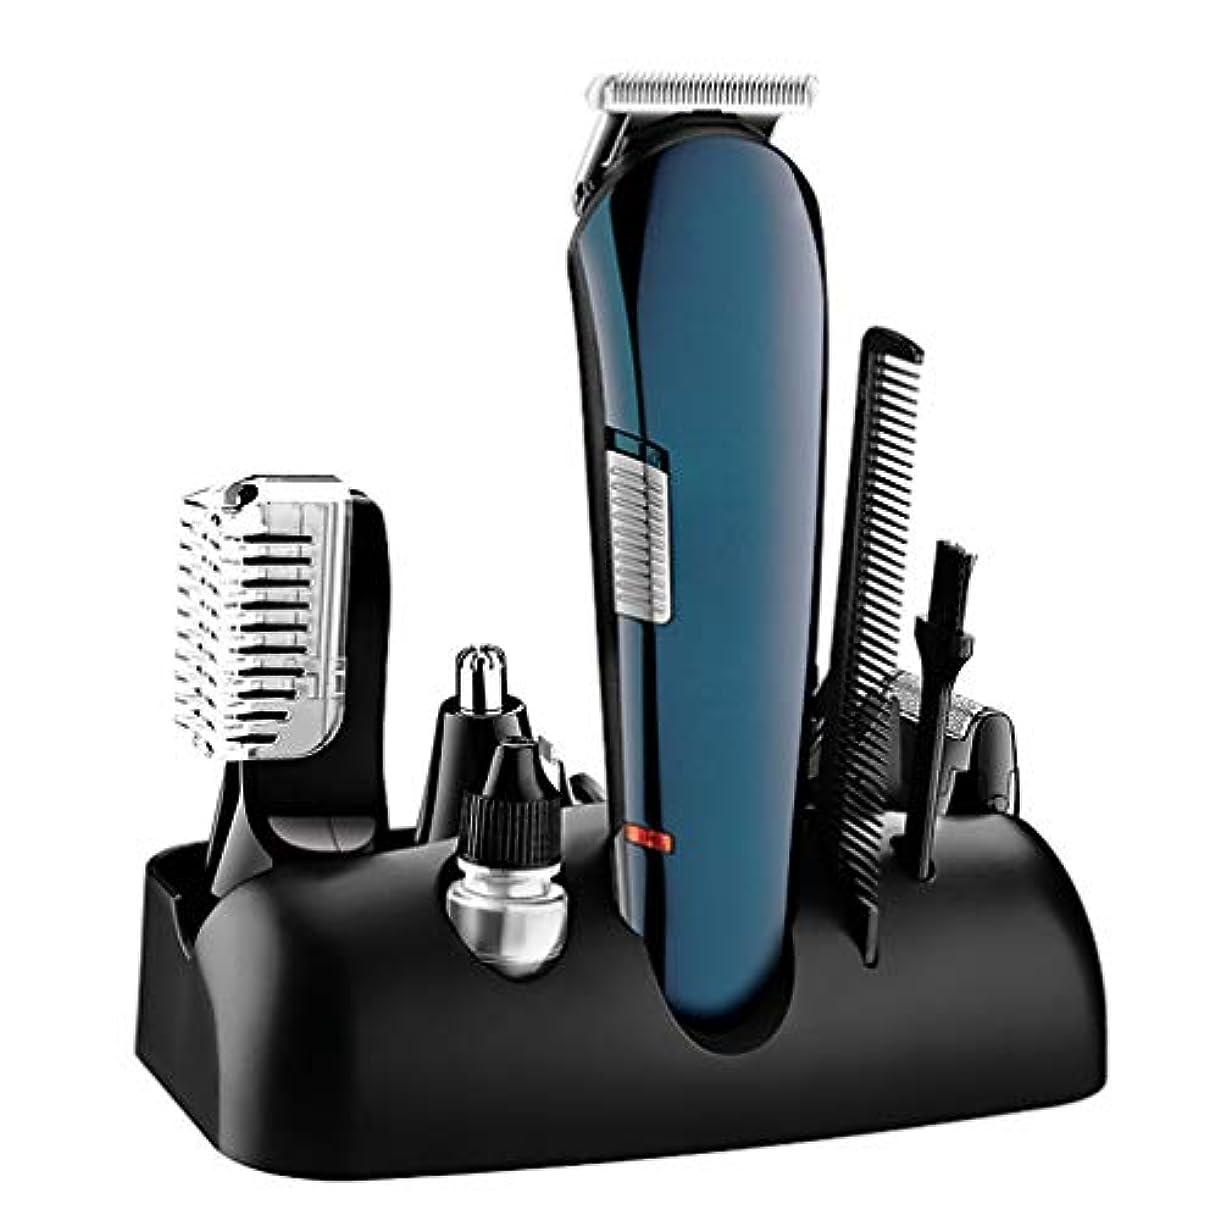 アプローチ移行するすずめ男性のための電気トリマーひげ、髪、顔、鼻毛、眉毛、ホイルシェーバーモデリング精密5 in 1鼻毛トリマー用グルーミングキット